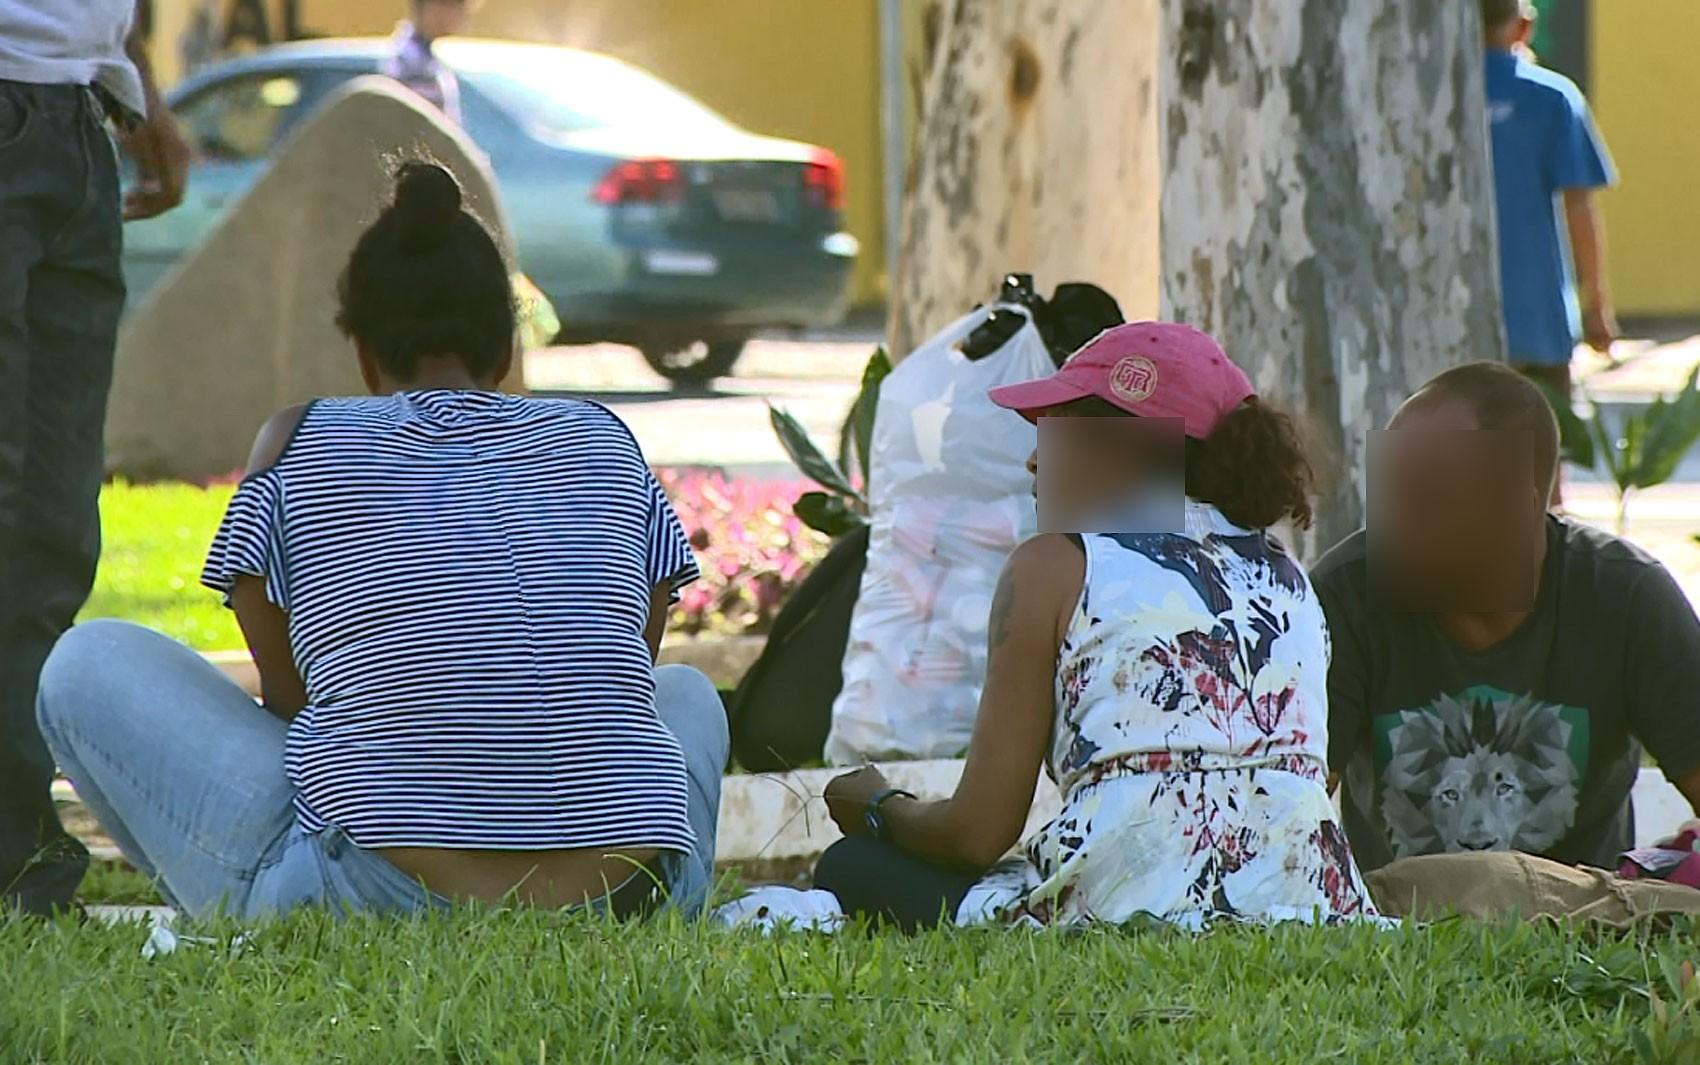 Nº de moradores de rua cresce 51,9% em Valinhos; Prefeitura reforça campanha de auxílio - Noticias